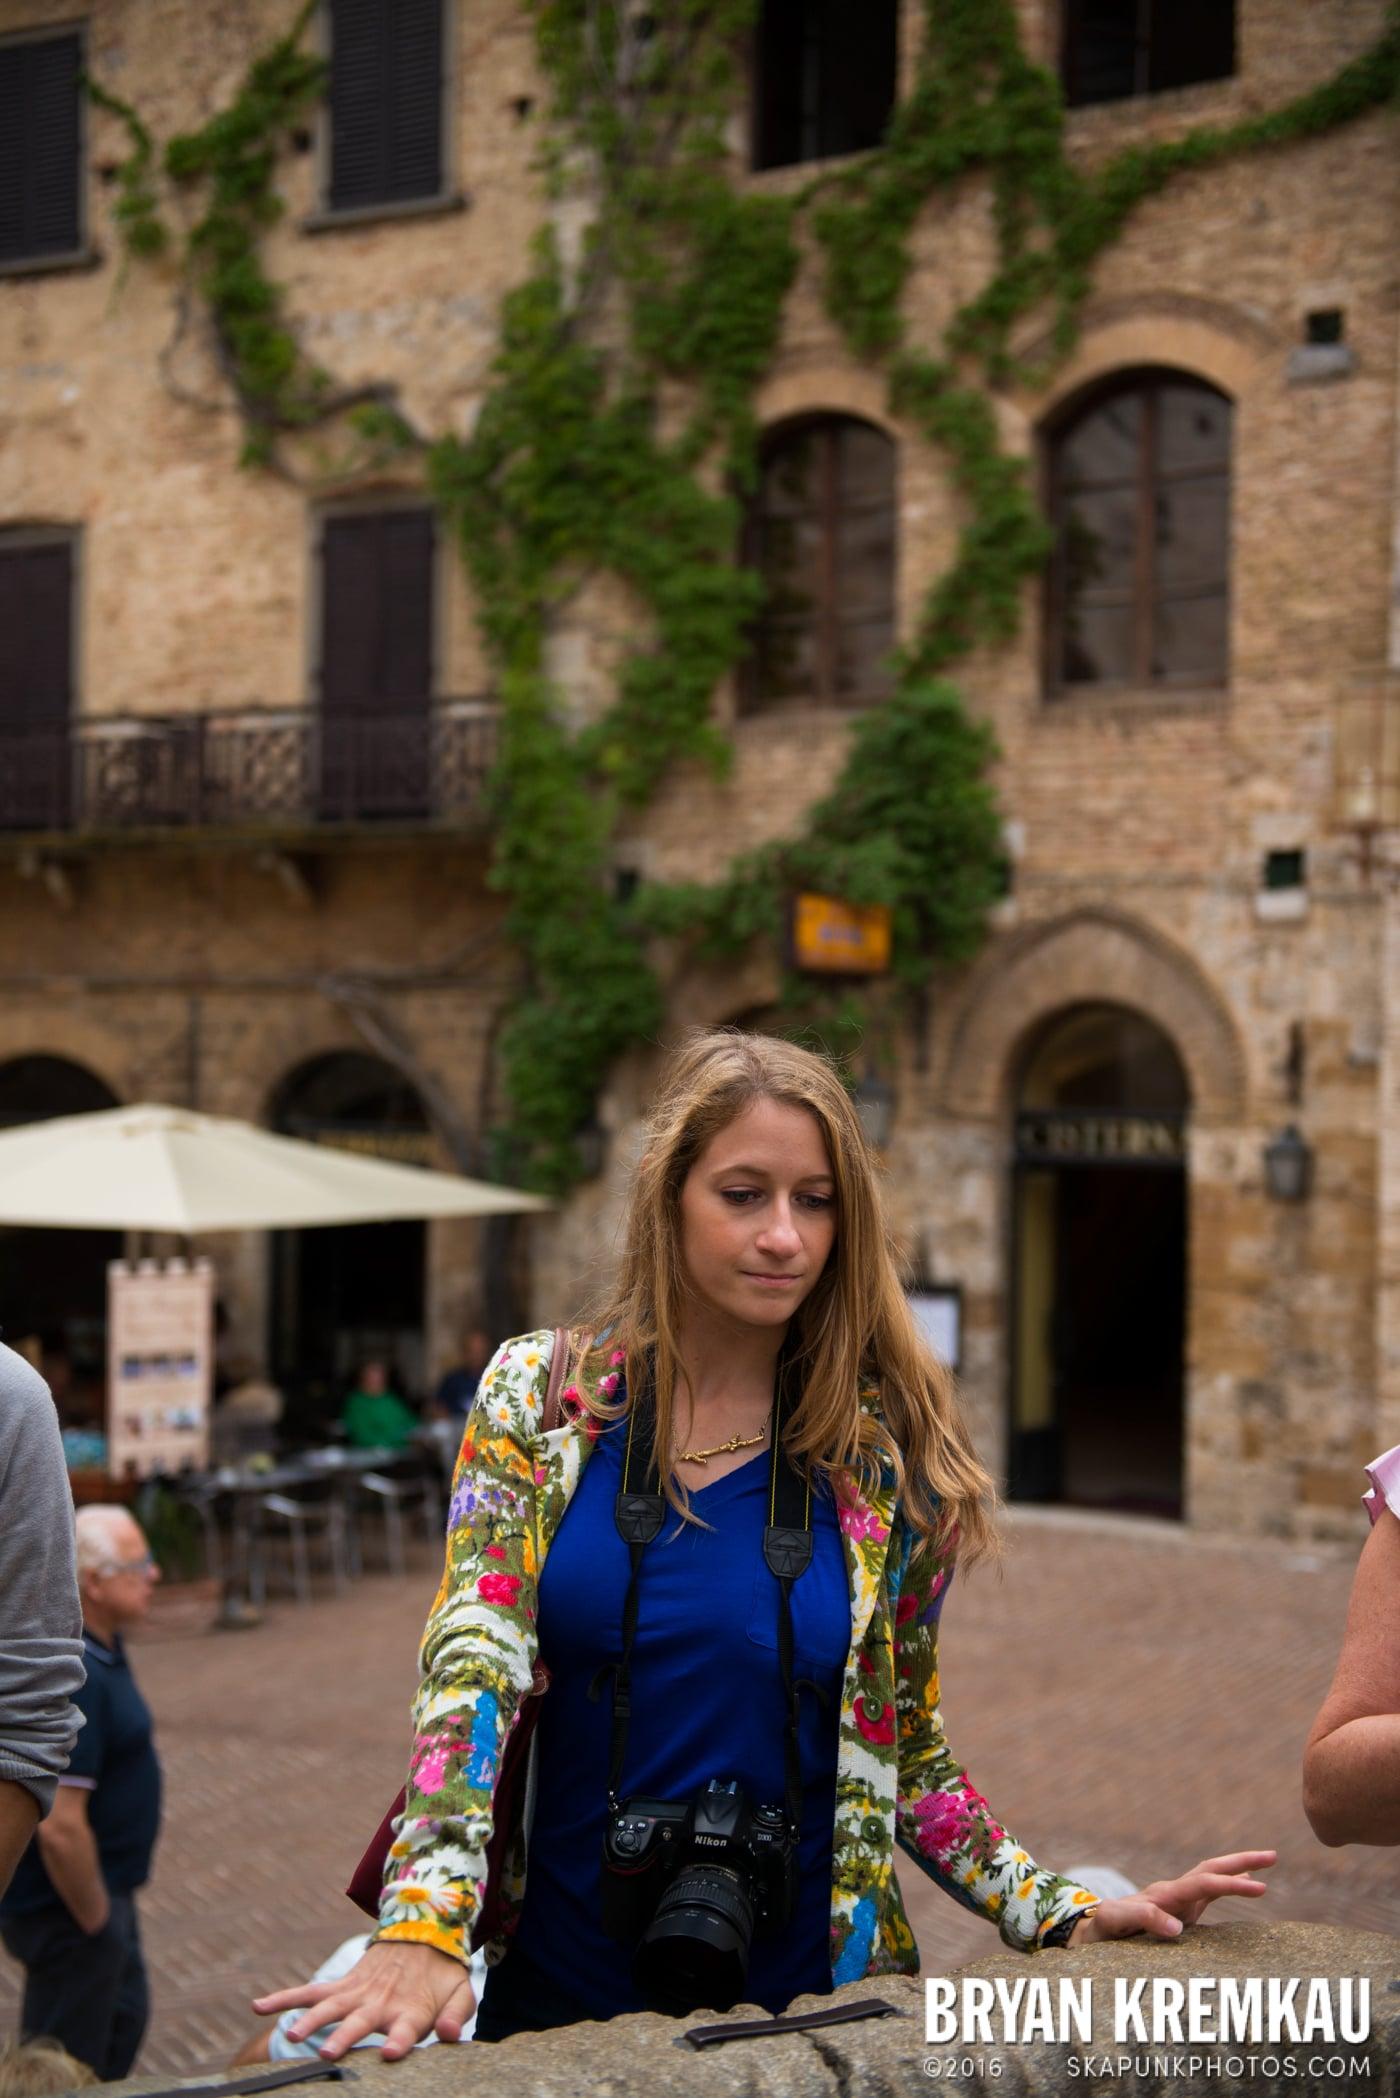 Italy Vacation - Day 8: Siena, San Gimignano, Chianti, Pisa - 9.16.13 (47)